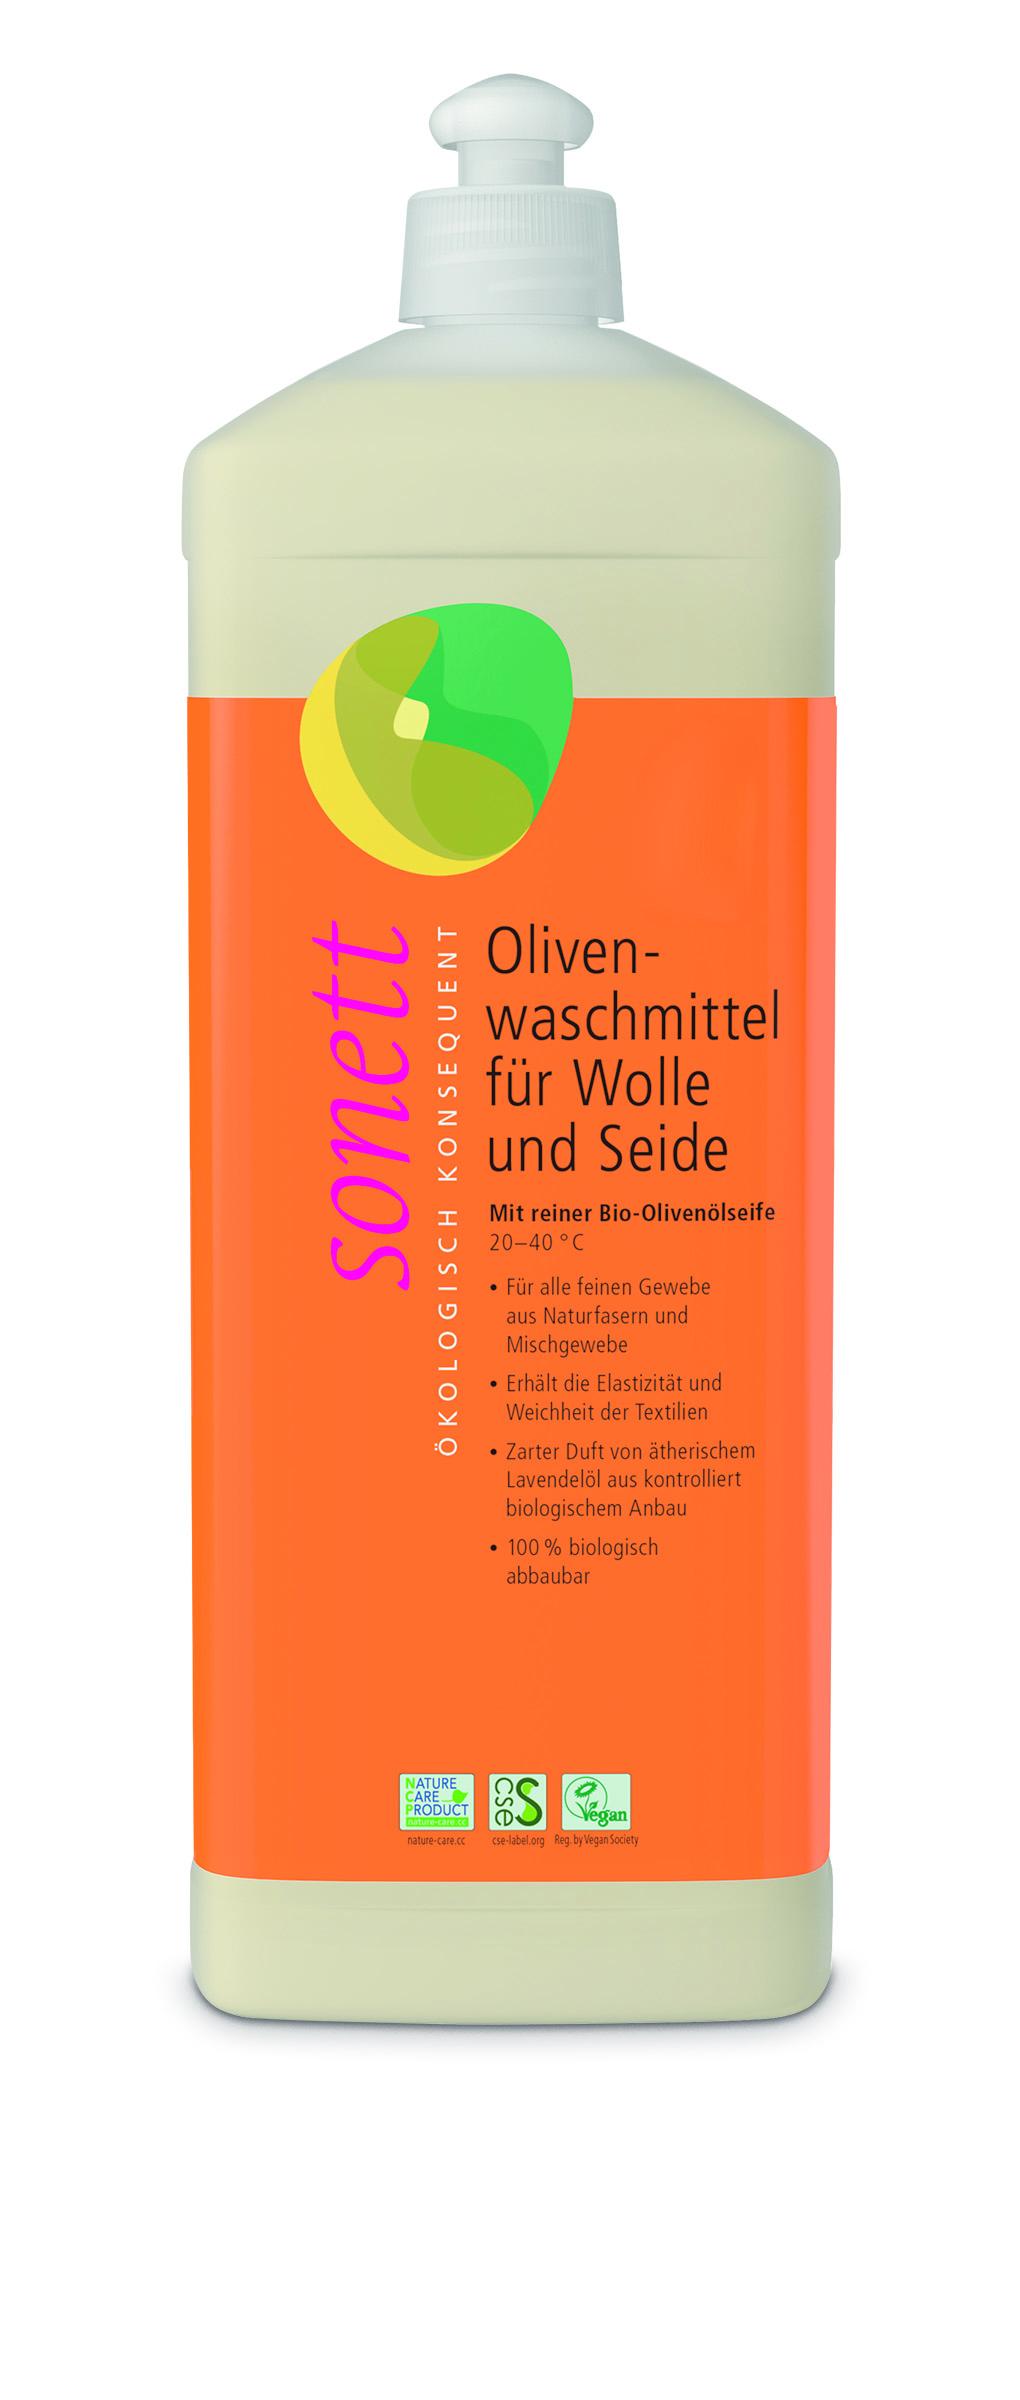 Жидкое средство для стирки изделий из шерсти и шелка Sonett концентрат органический 1 л фото